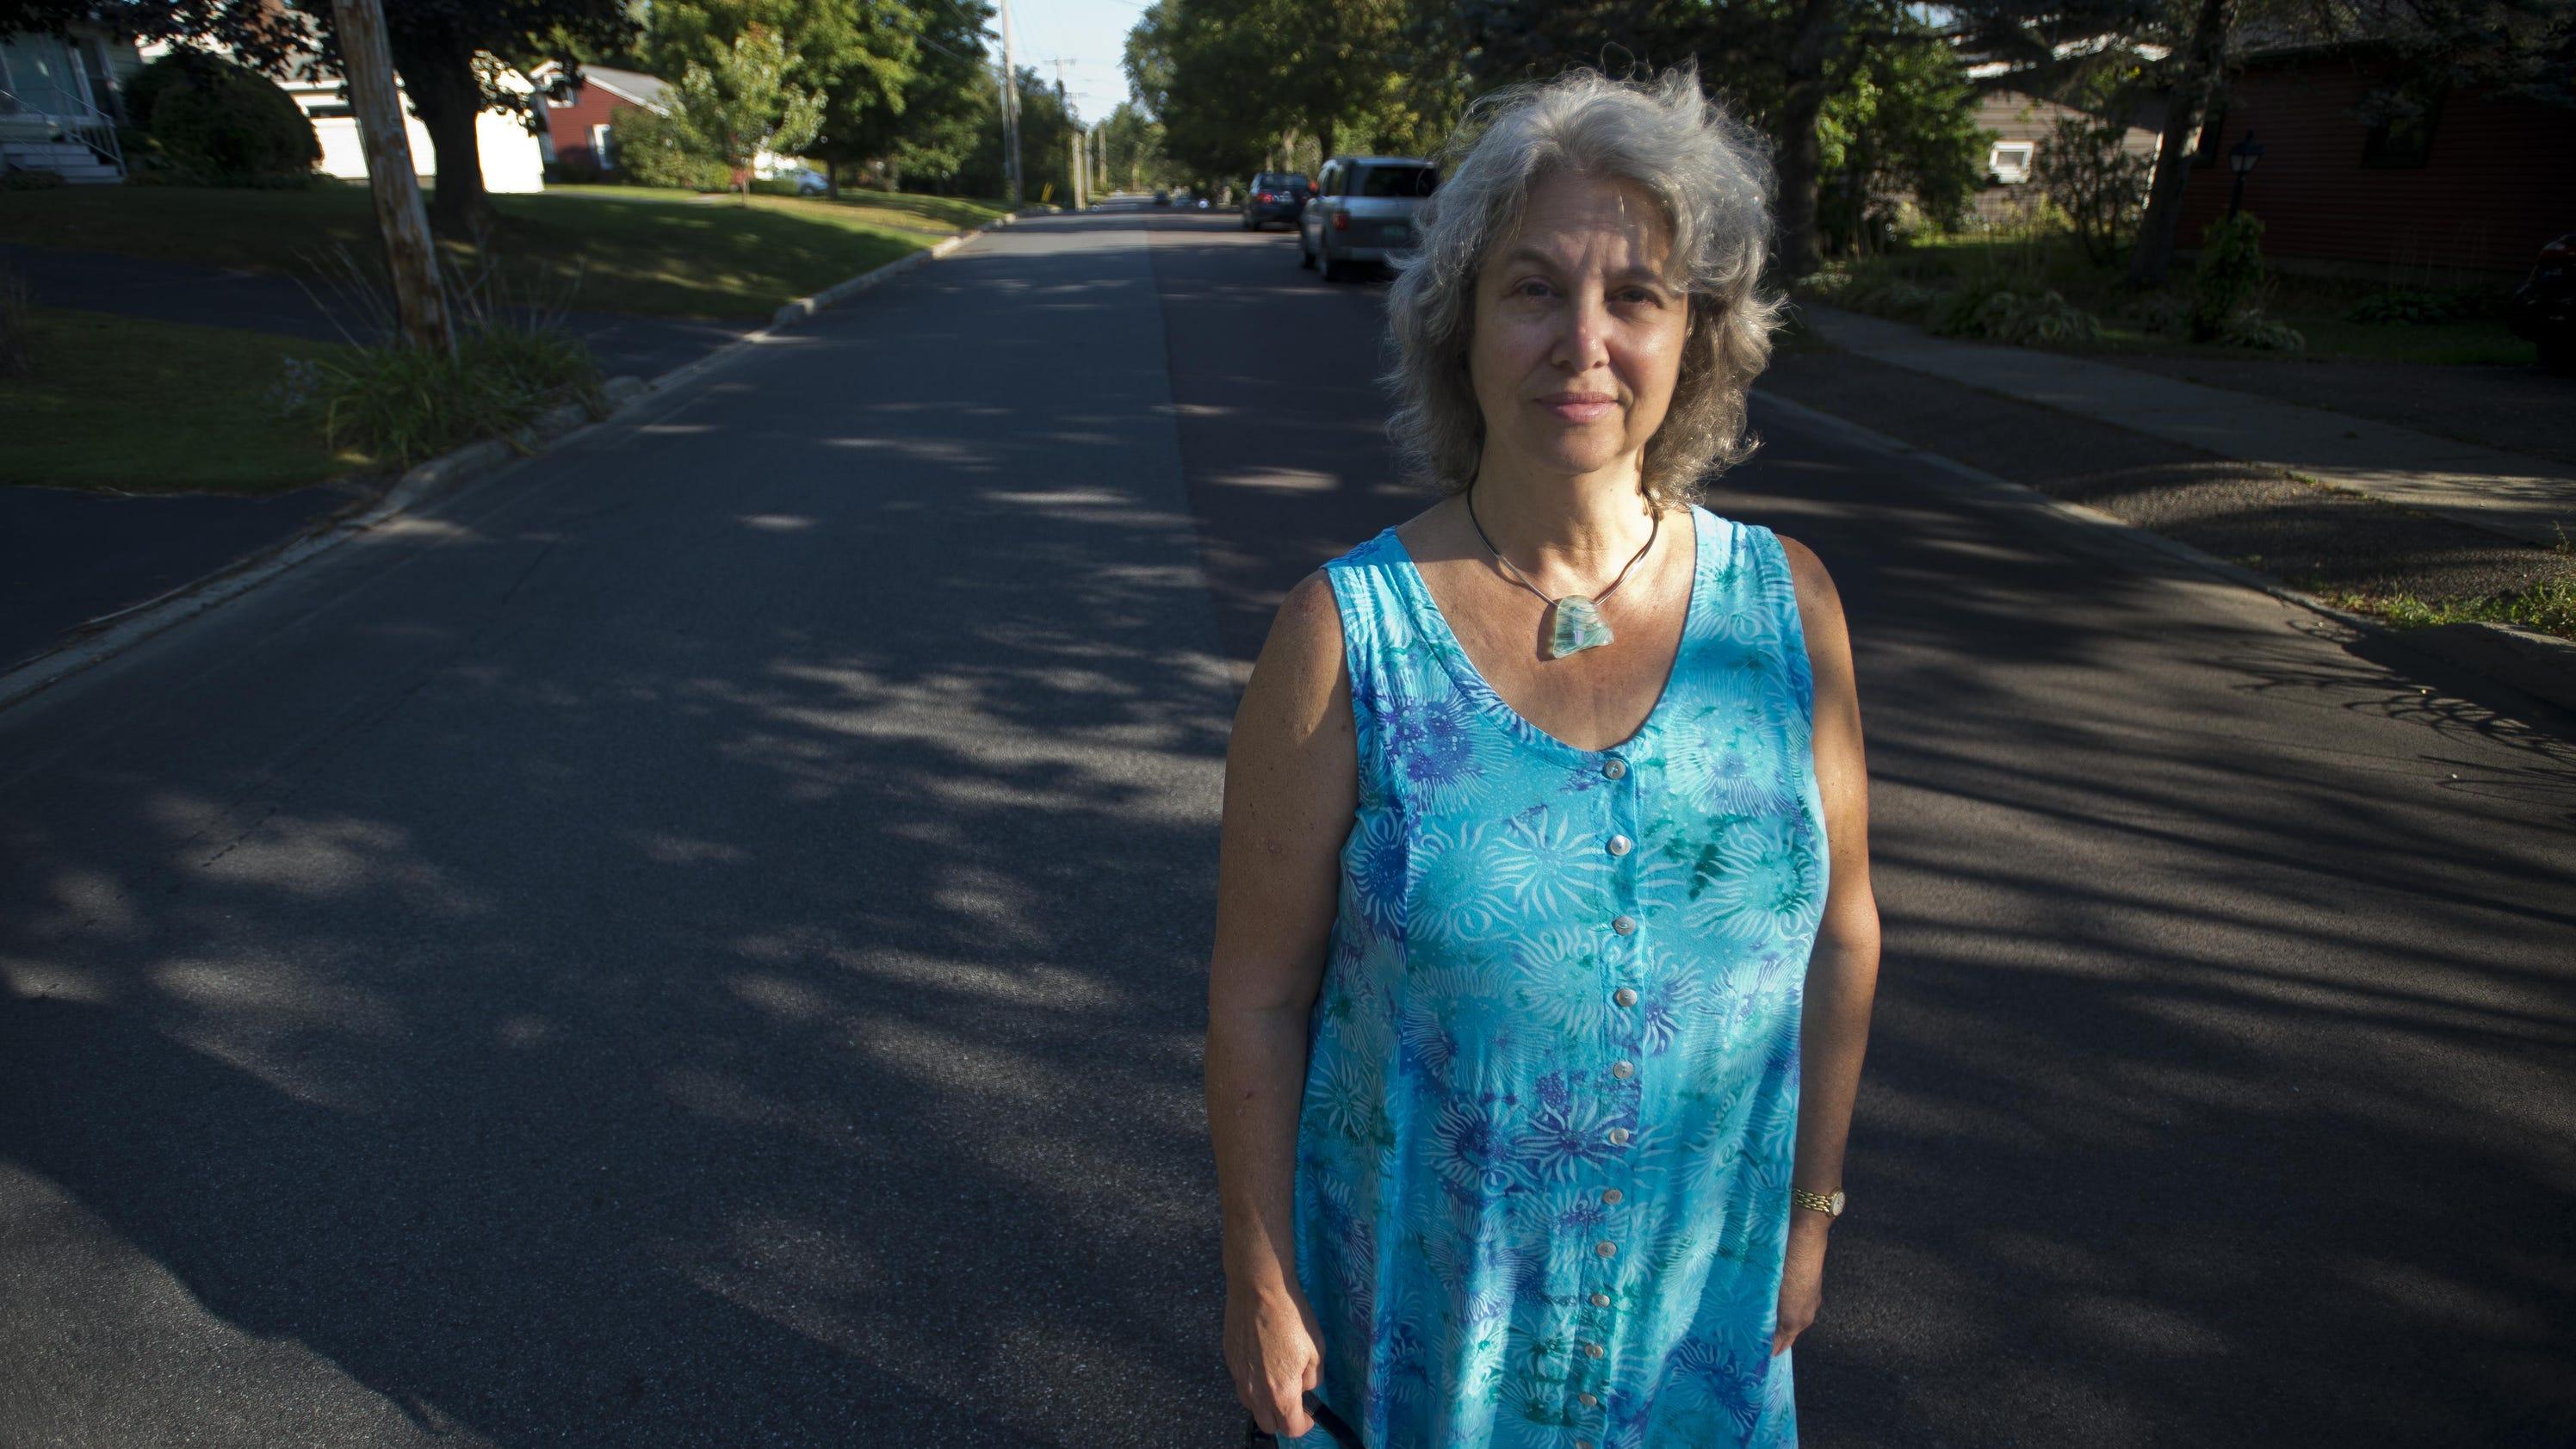 Halfhearted uproar over South Burlington noise